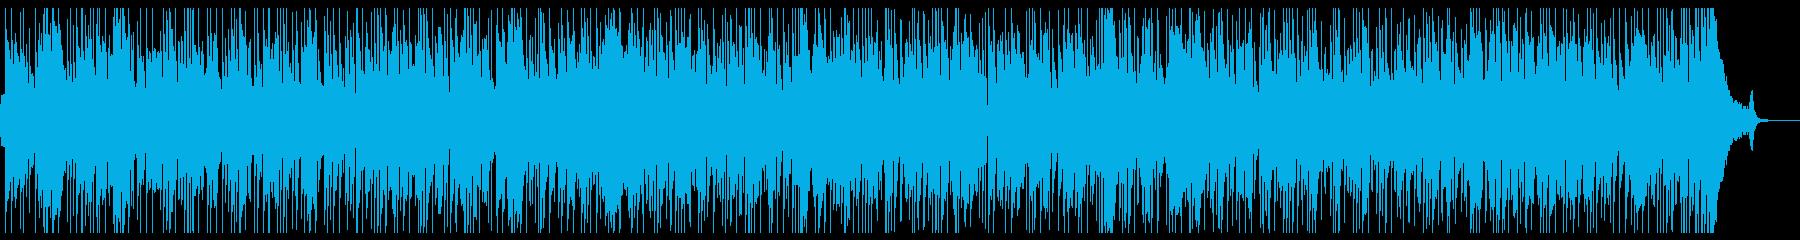 マイナー調、カントリーフィドルポップの再生済みの波形